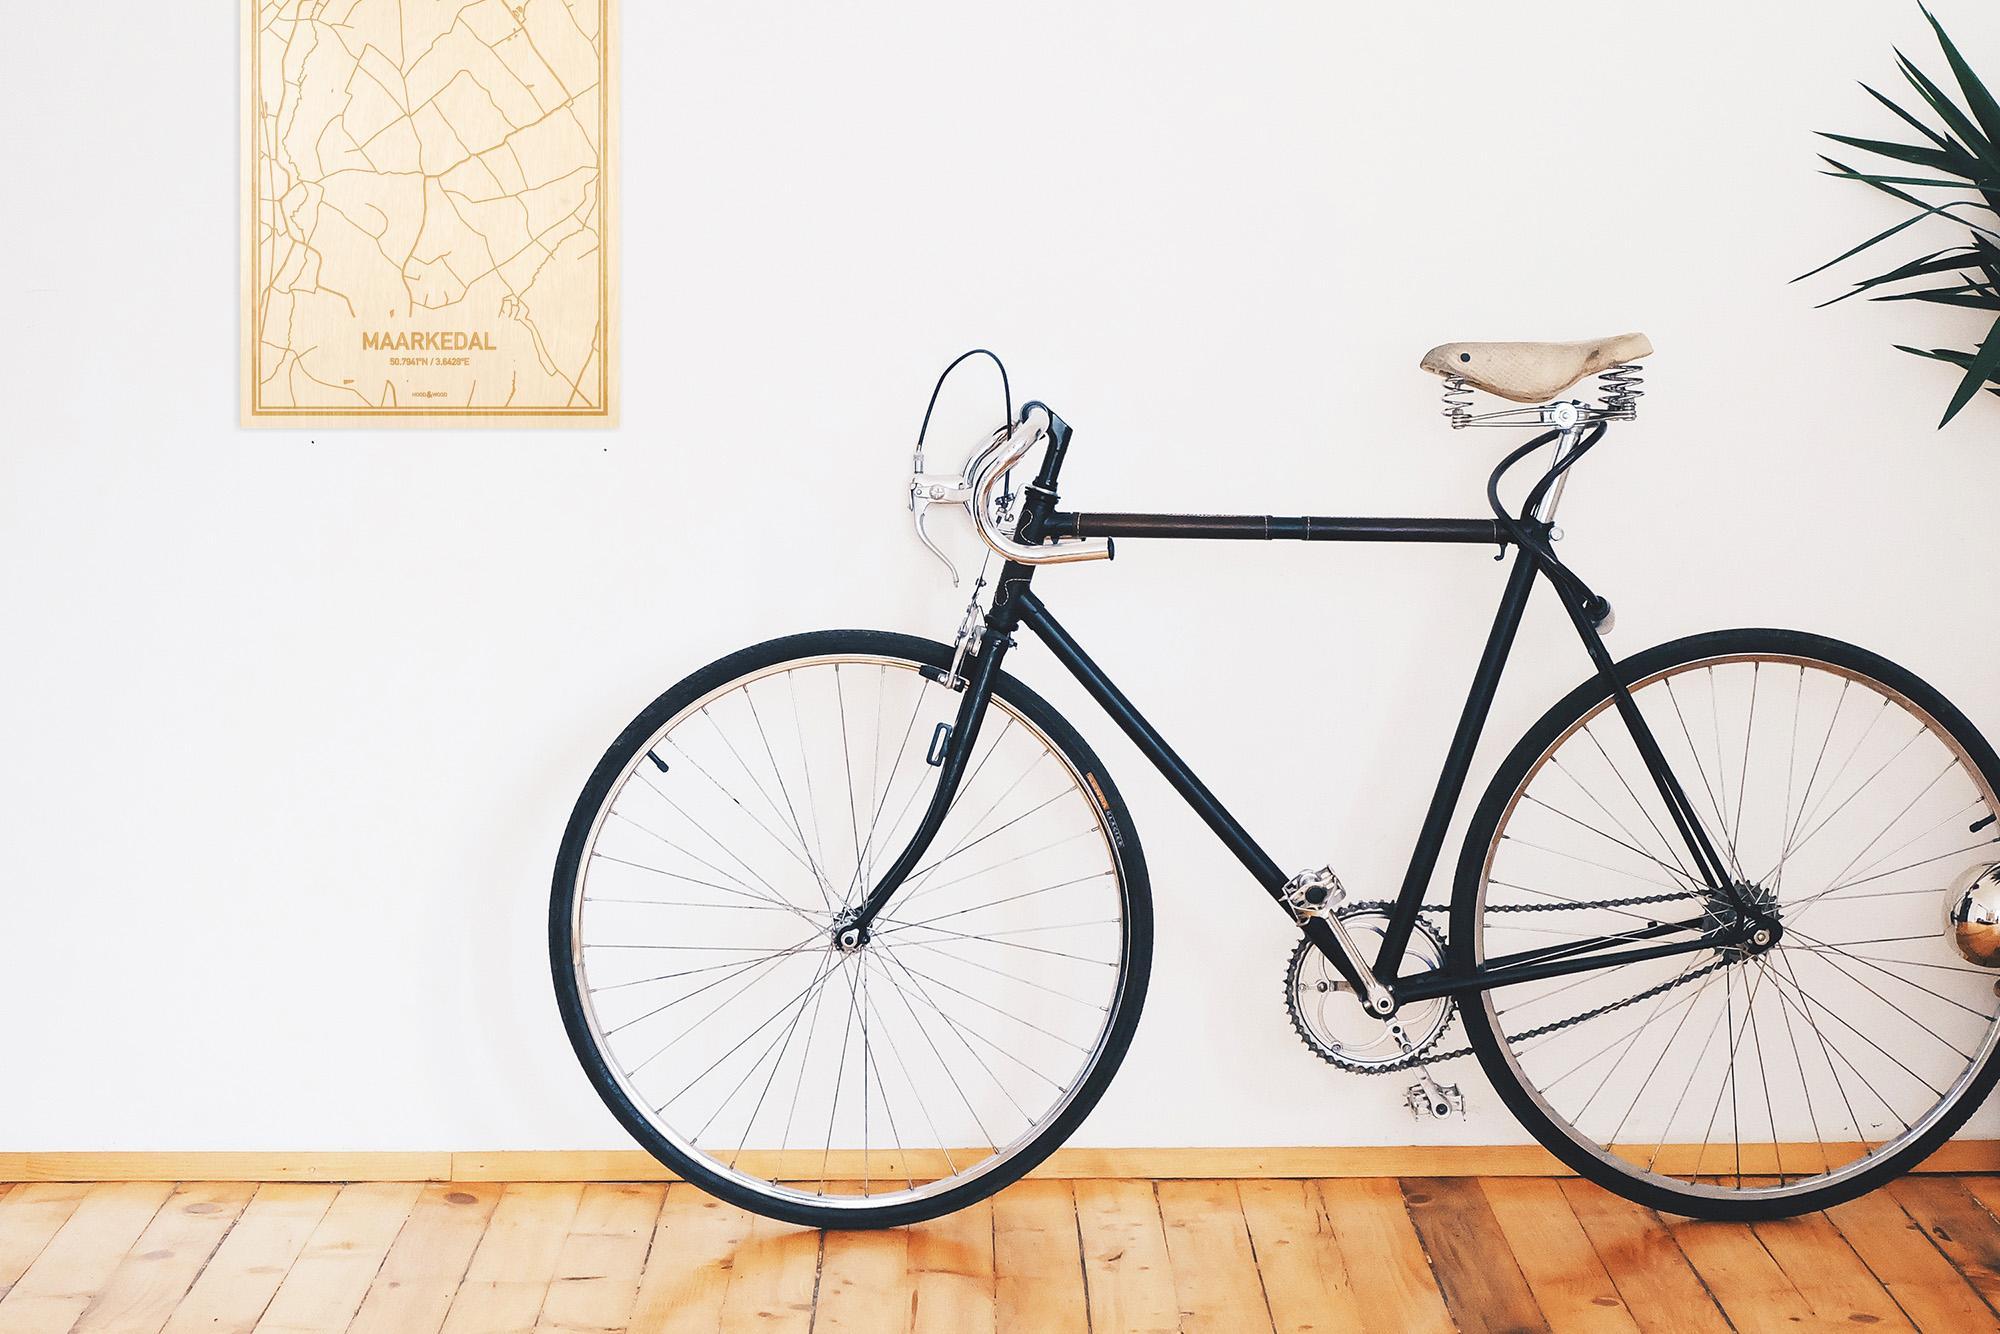 Een snelle fiets in een uniek interieur in Oost-Vlaanderen  met mooie decoratie zoals de plattegrond Maarkedal.